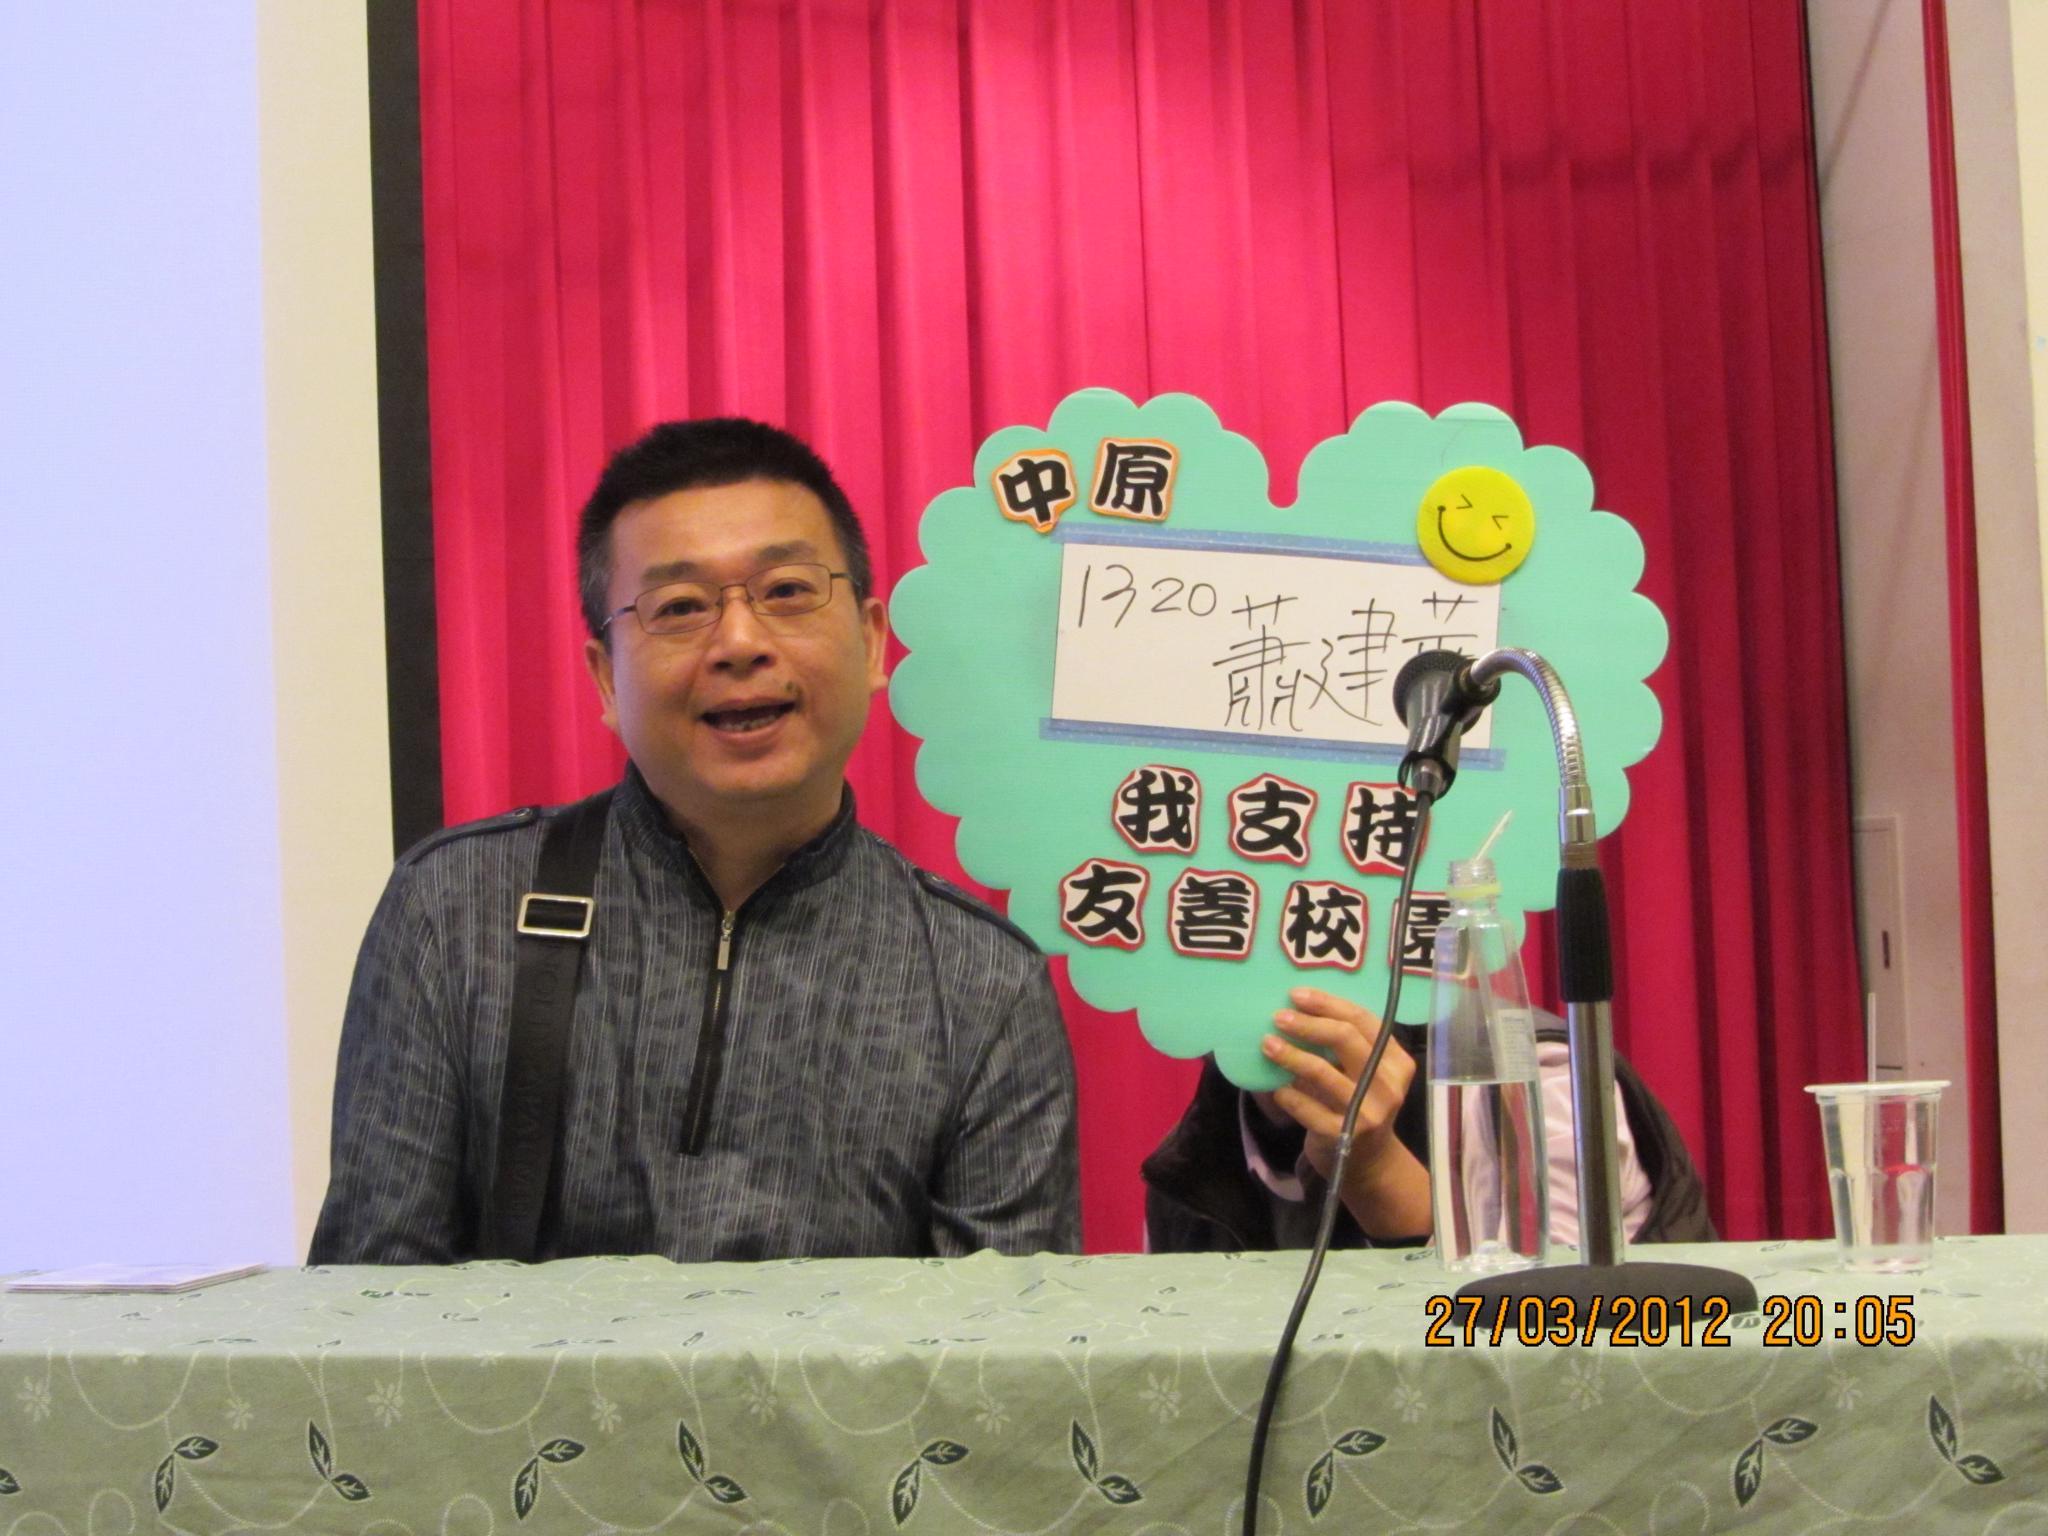 生命鬥士蕭建華分享 「敢夢、敢要、敢得到」